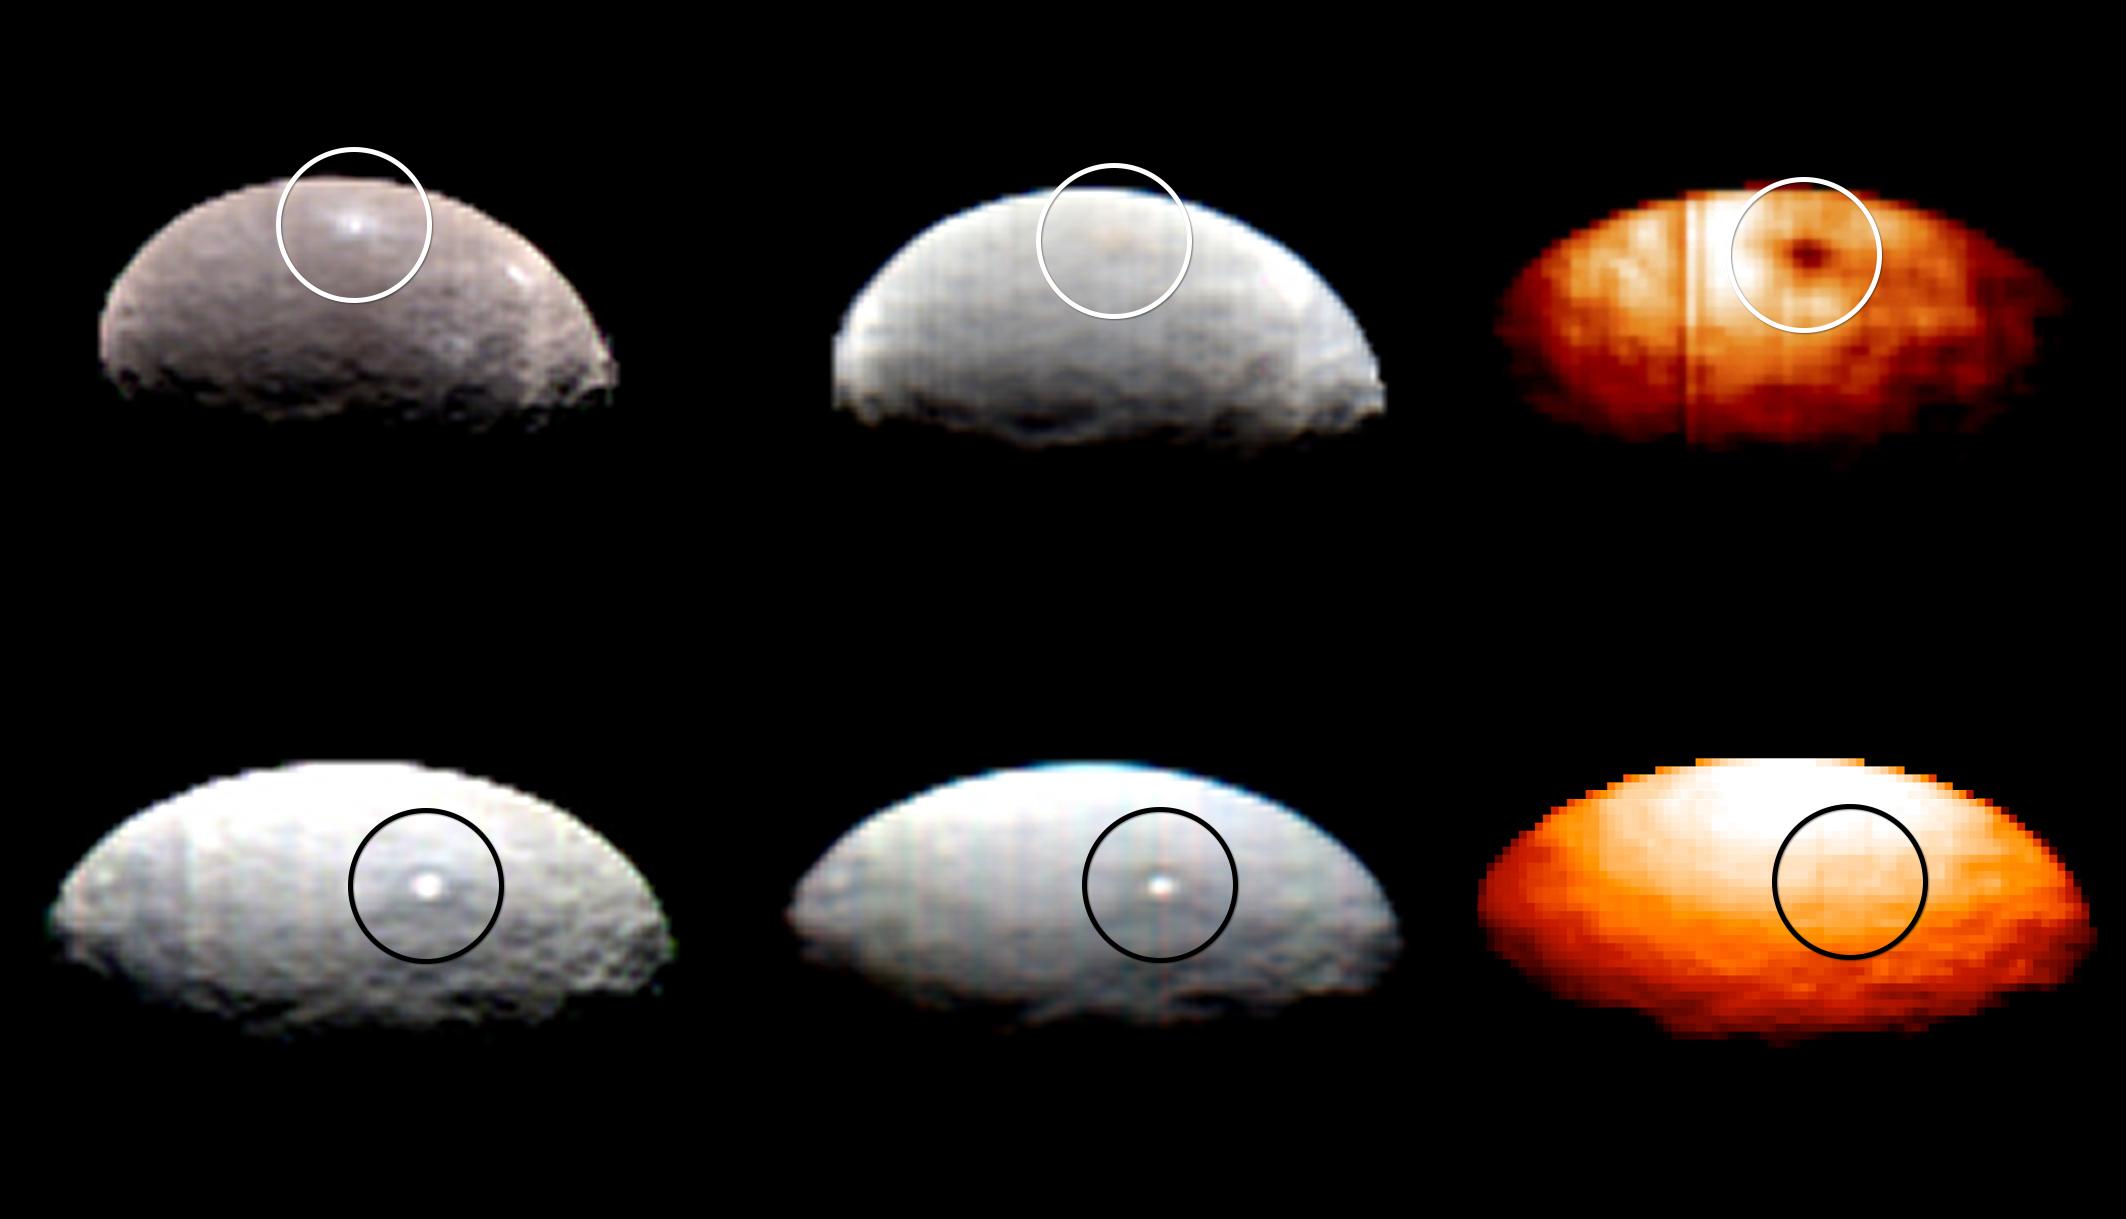 Le macchie 1 (sopra) e 5 (sotto),  osservate nelle lunghezze d'onda del visibile (sinistra), dell'infrarosso (centro) e nell'infrarosso termico (destra), indicano chiaramente che la prima è decisamente più fredda del terreno in cui si trova, mentre la seconda ha una temperatura analoga. Neve fredda e neve calda? Fonte: NASA/JPL-Caltech/UCLA/ASI/INAF